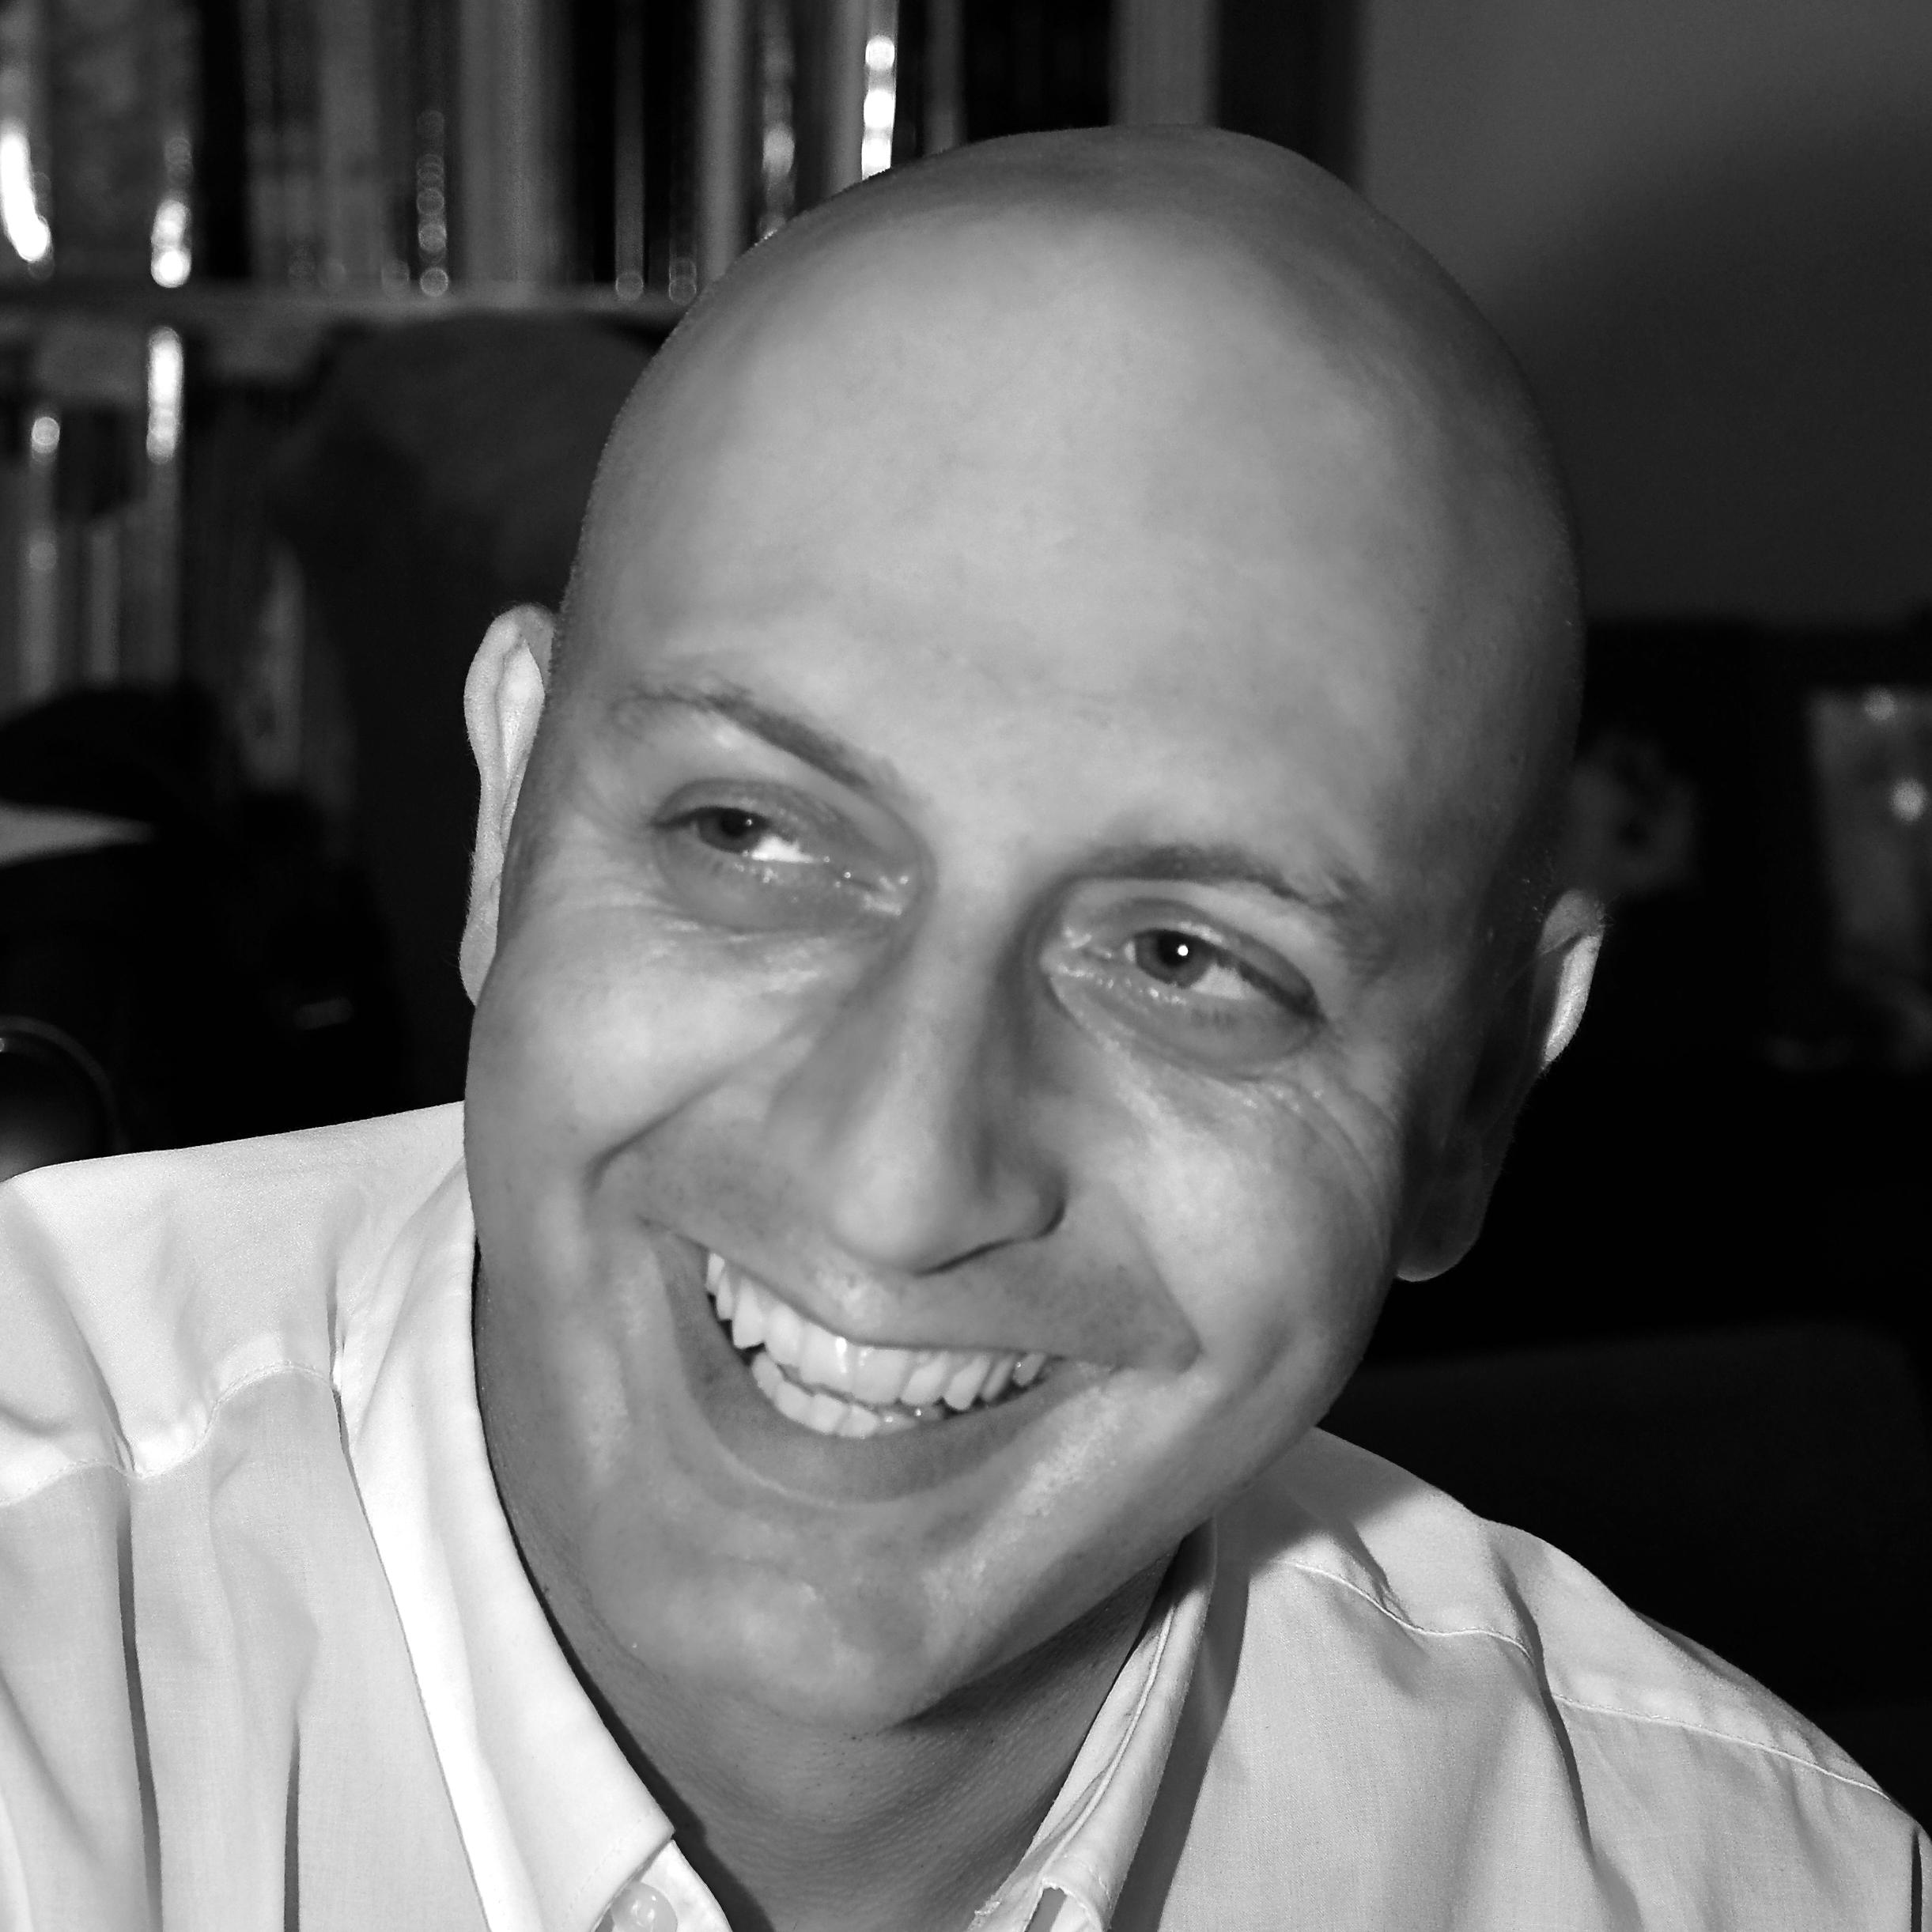 Yiannis Argyros